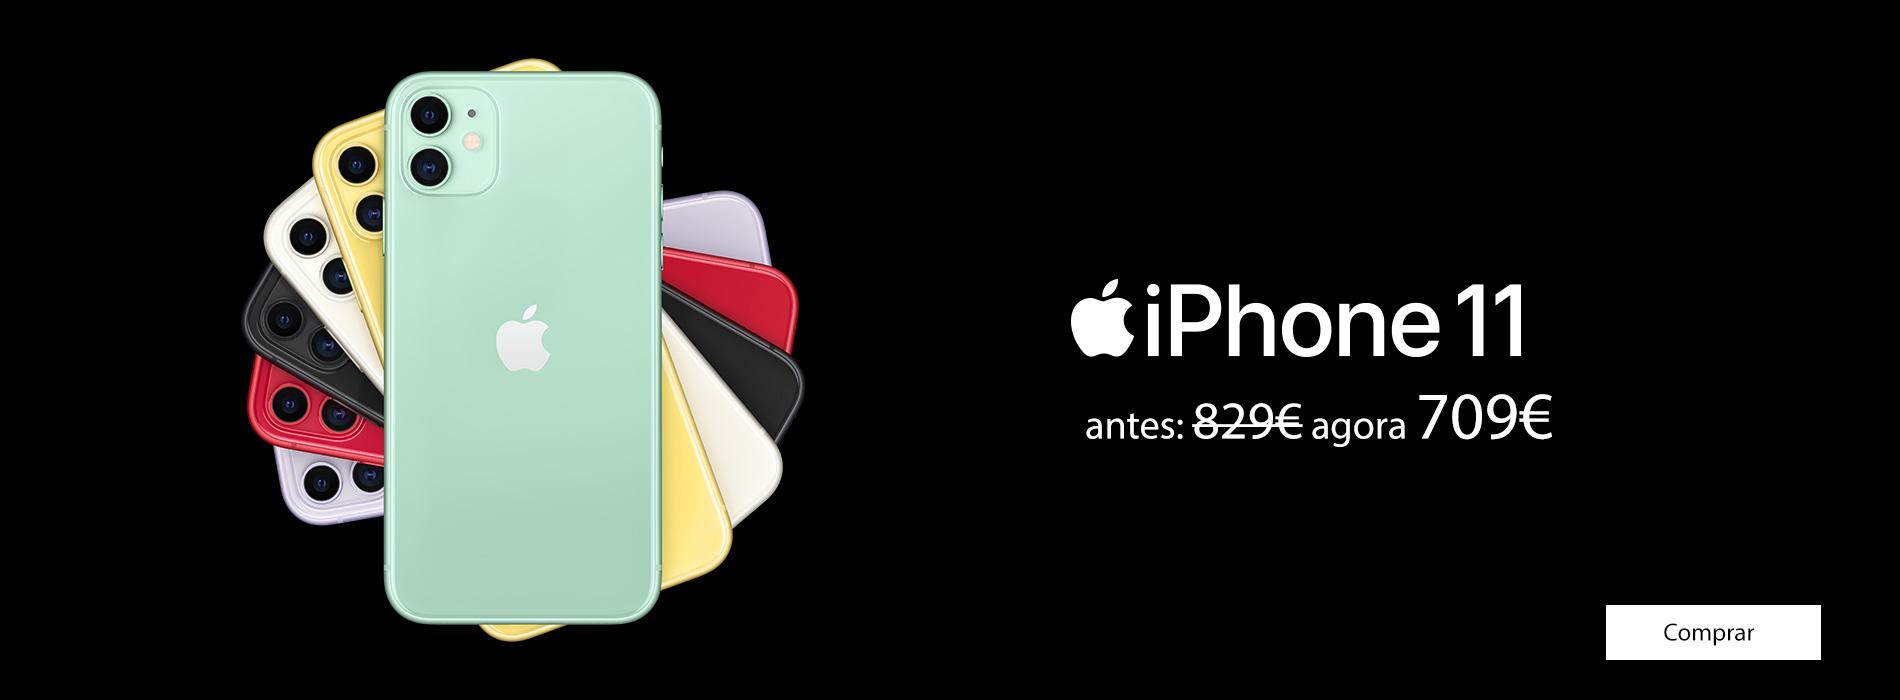 Homepage Slideshow - iPhone 11 Reprice 709€